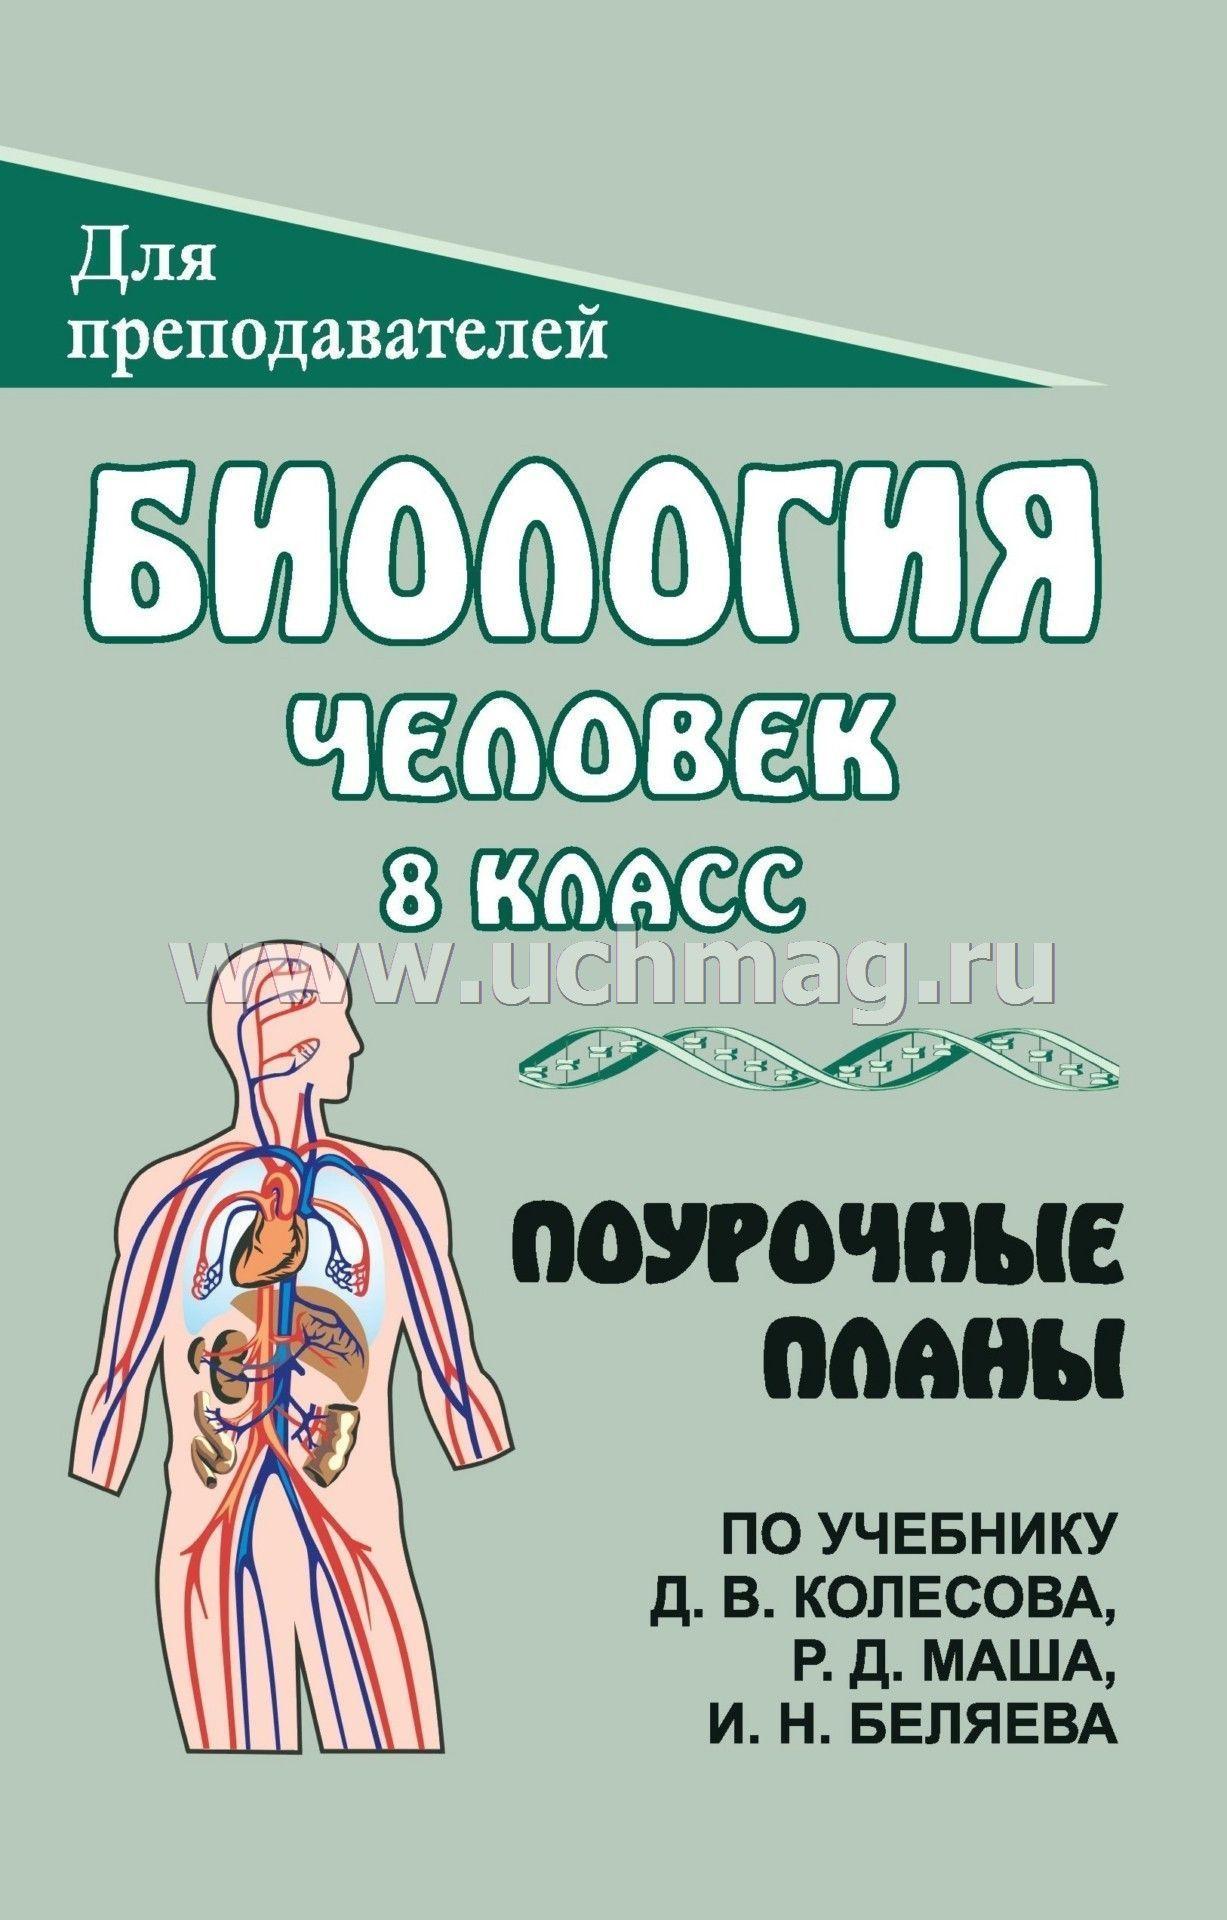 Биология 8 класс маш драгомилов скачать 21 предупреждение заболеваний сердца и сосудов